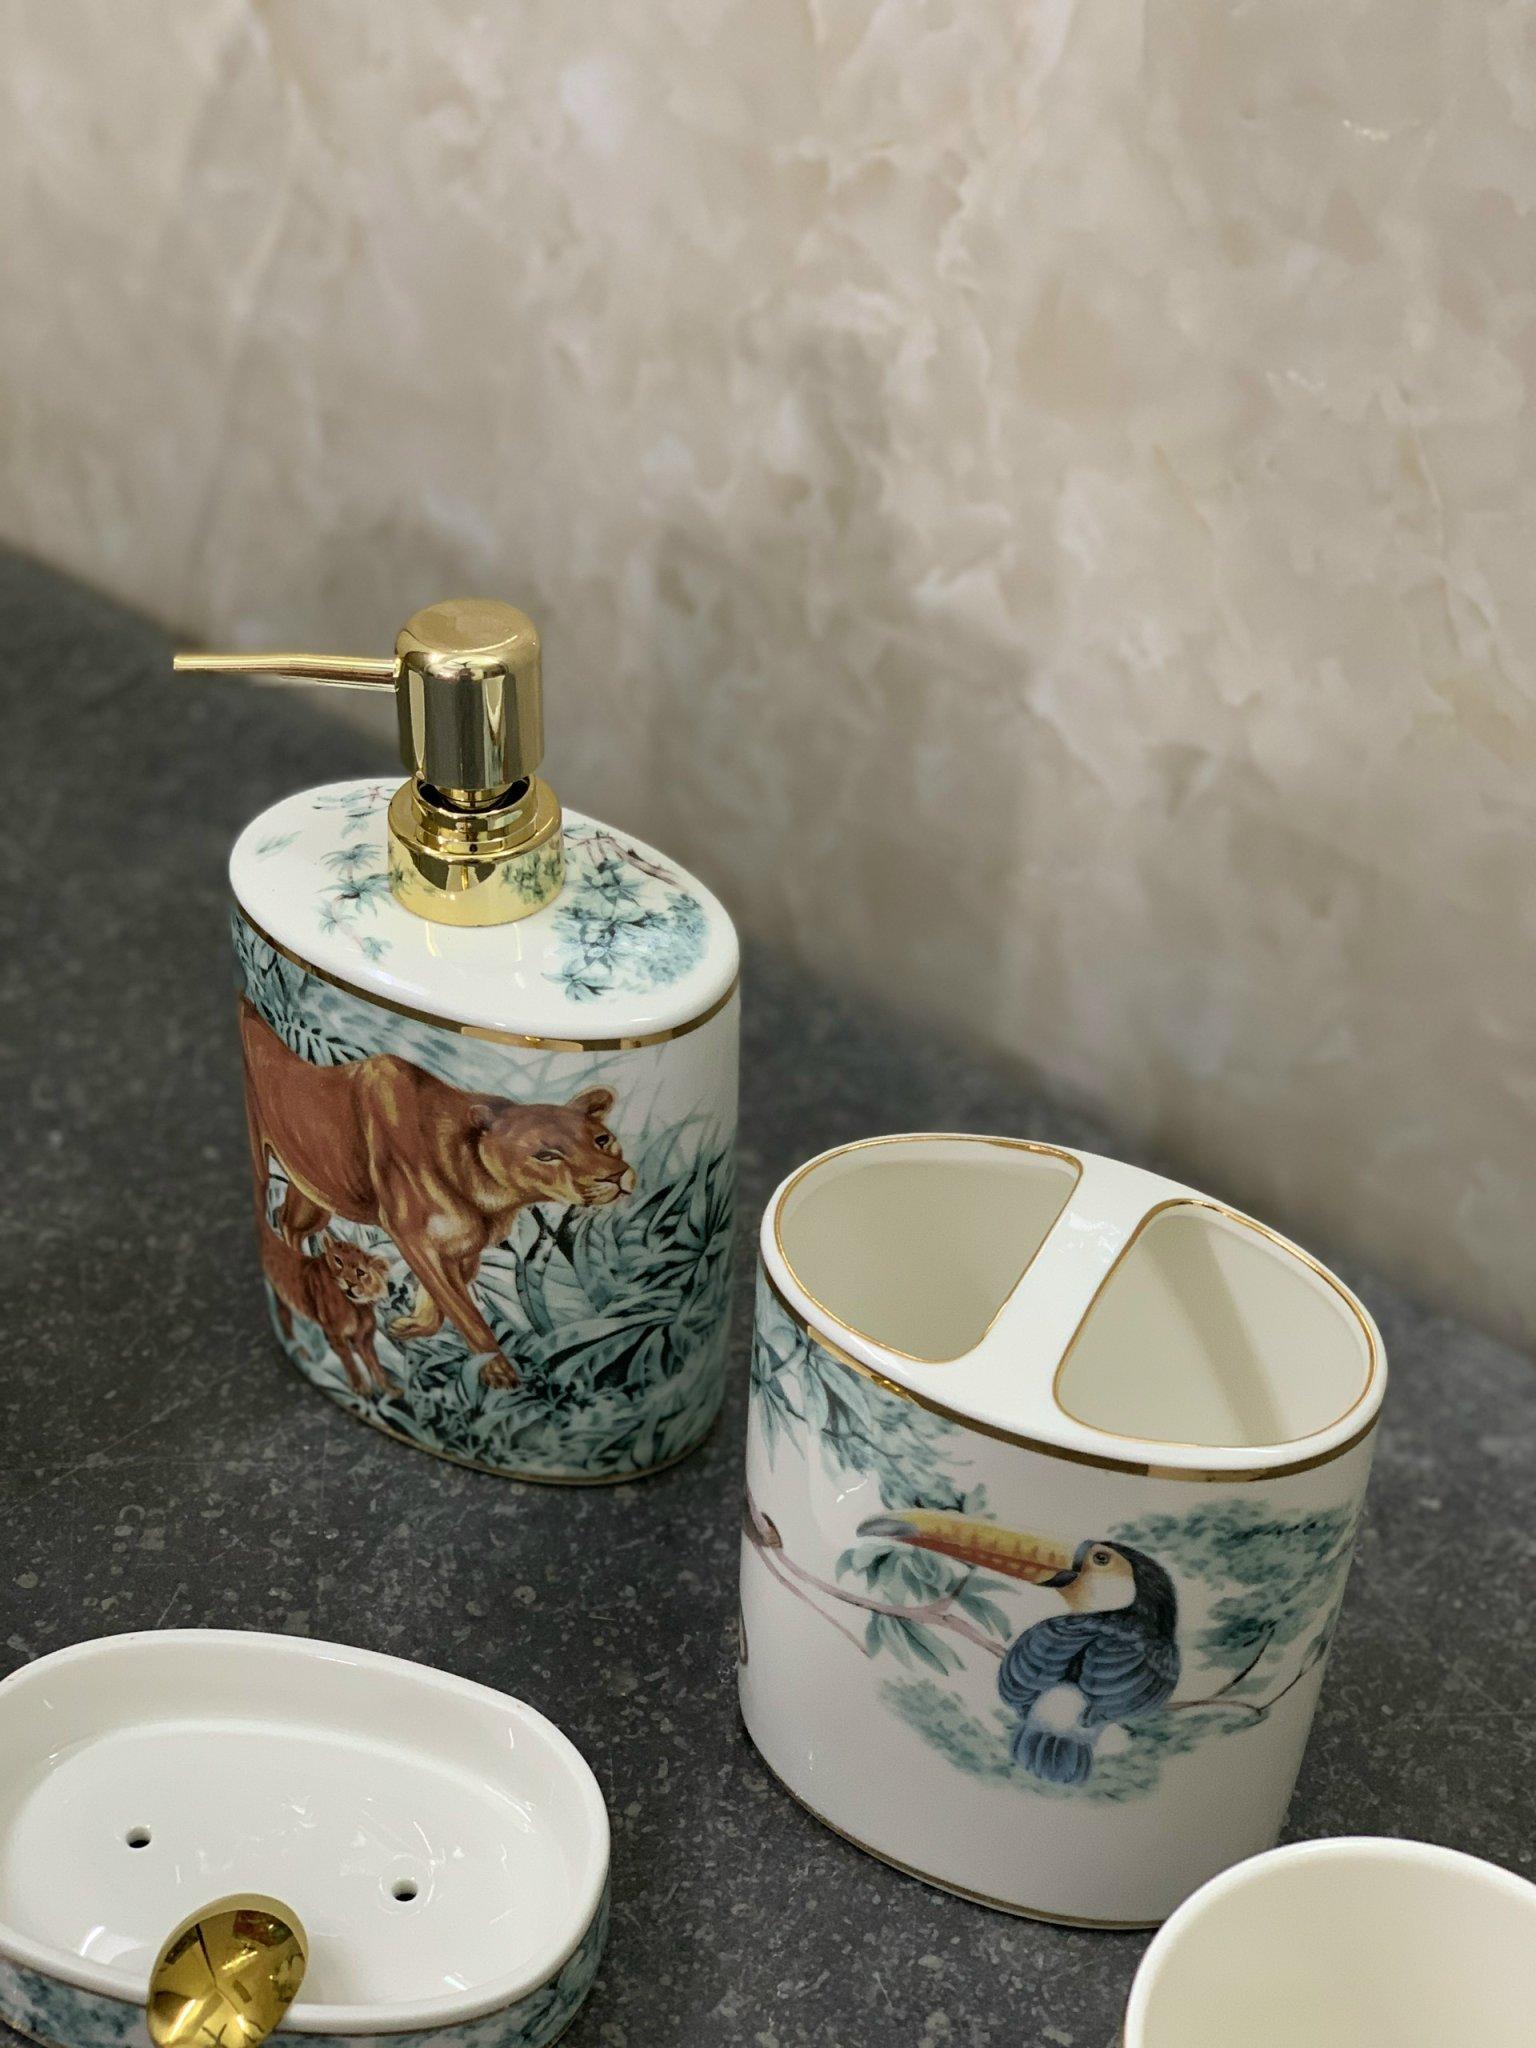 Bộ gốm sứ để xà bông và kem đánh răng phòng tắm cao cấp LI-CD685 – Phong cách độc đáo, sang trọng